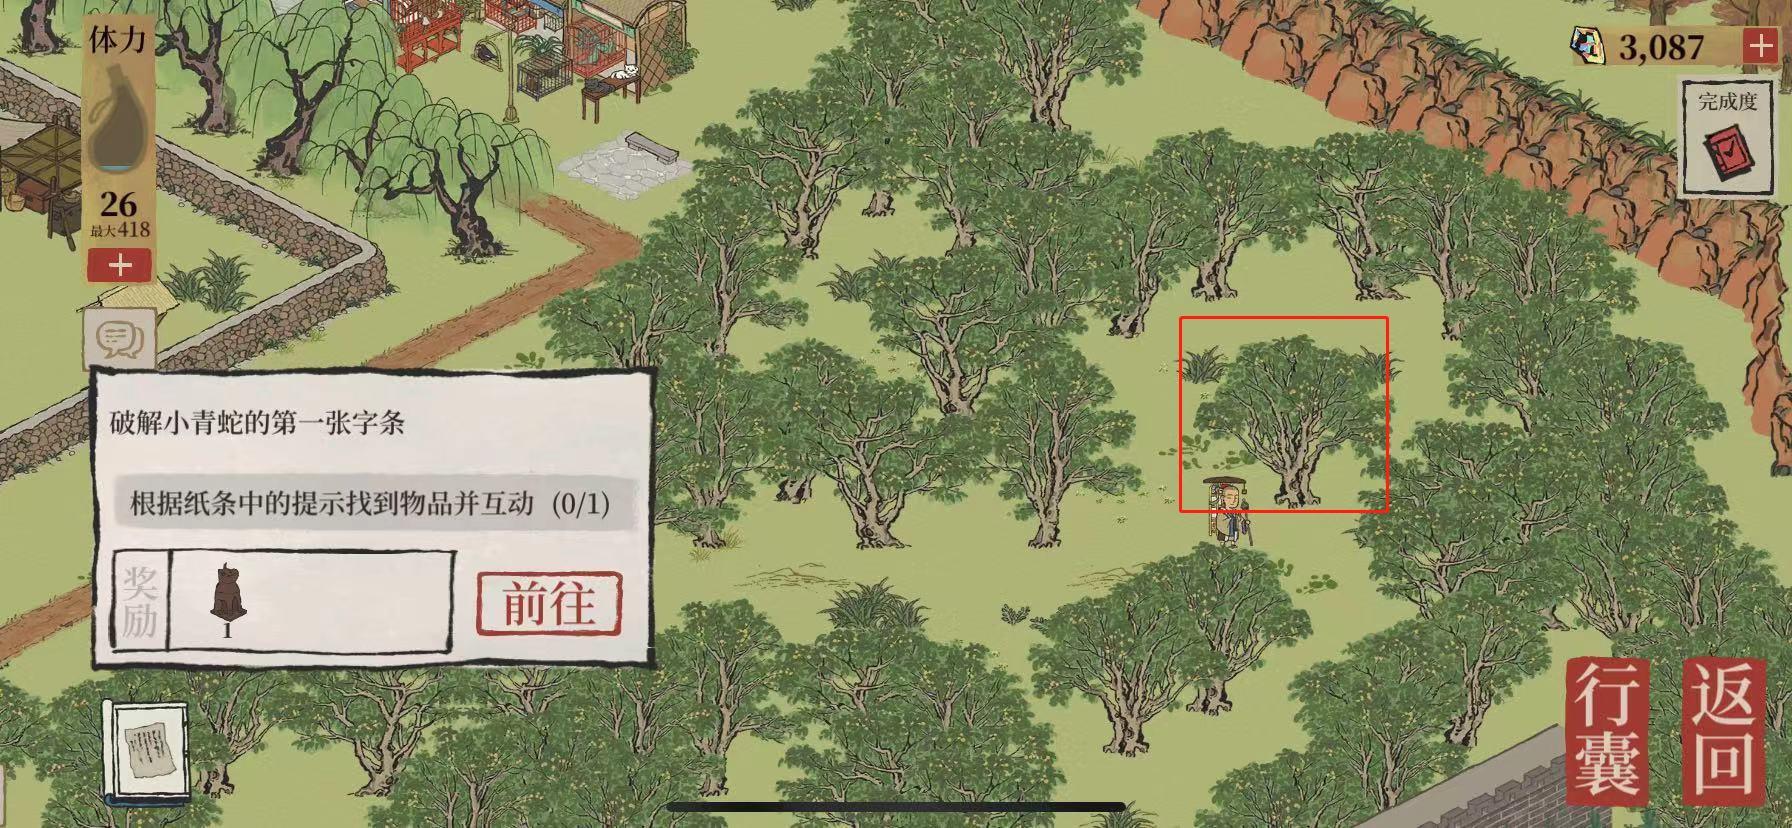 《江南百景图》青蛇纸条位置解析